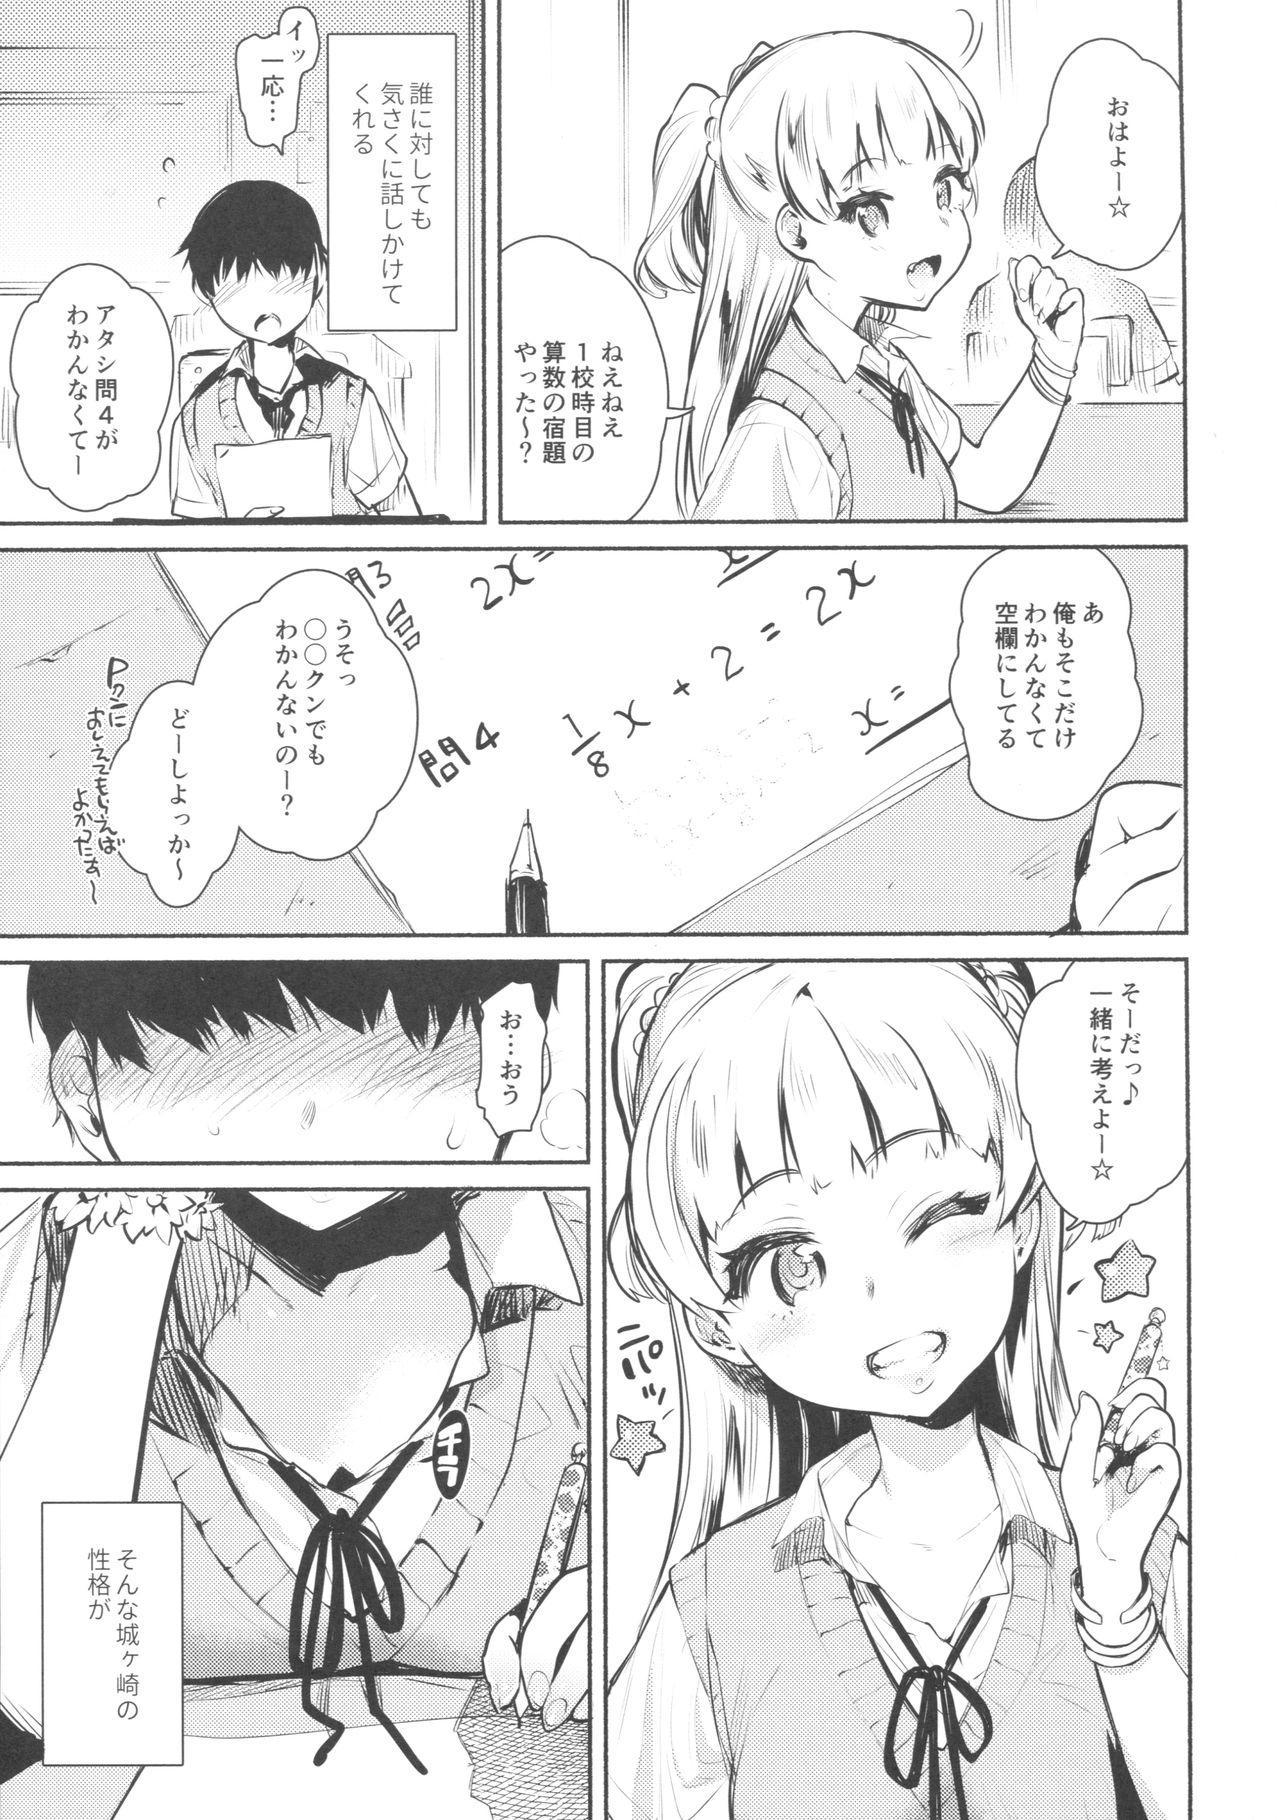 Onaji Class no Jougasaki ga Eroi node Minna de Rape Shita. 3